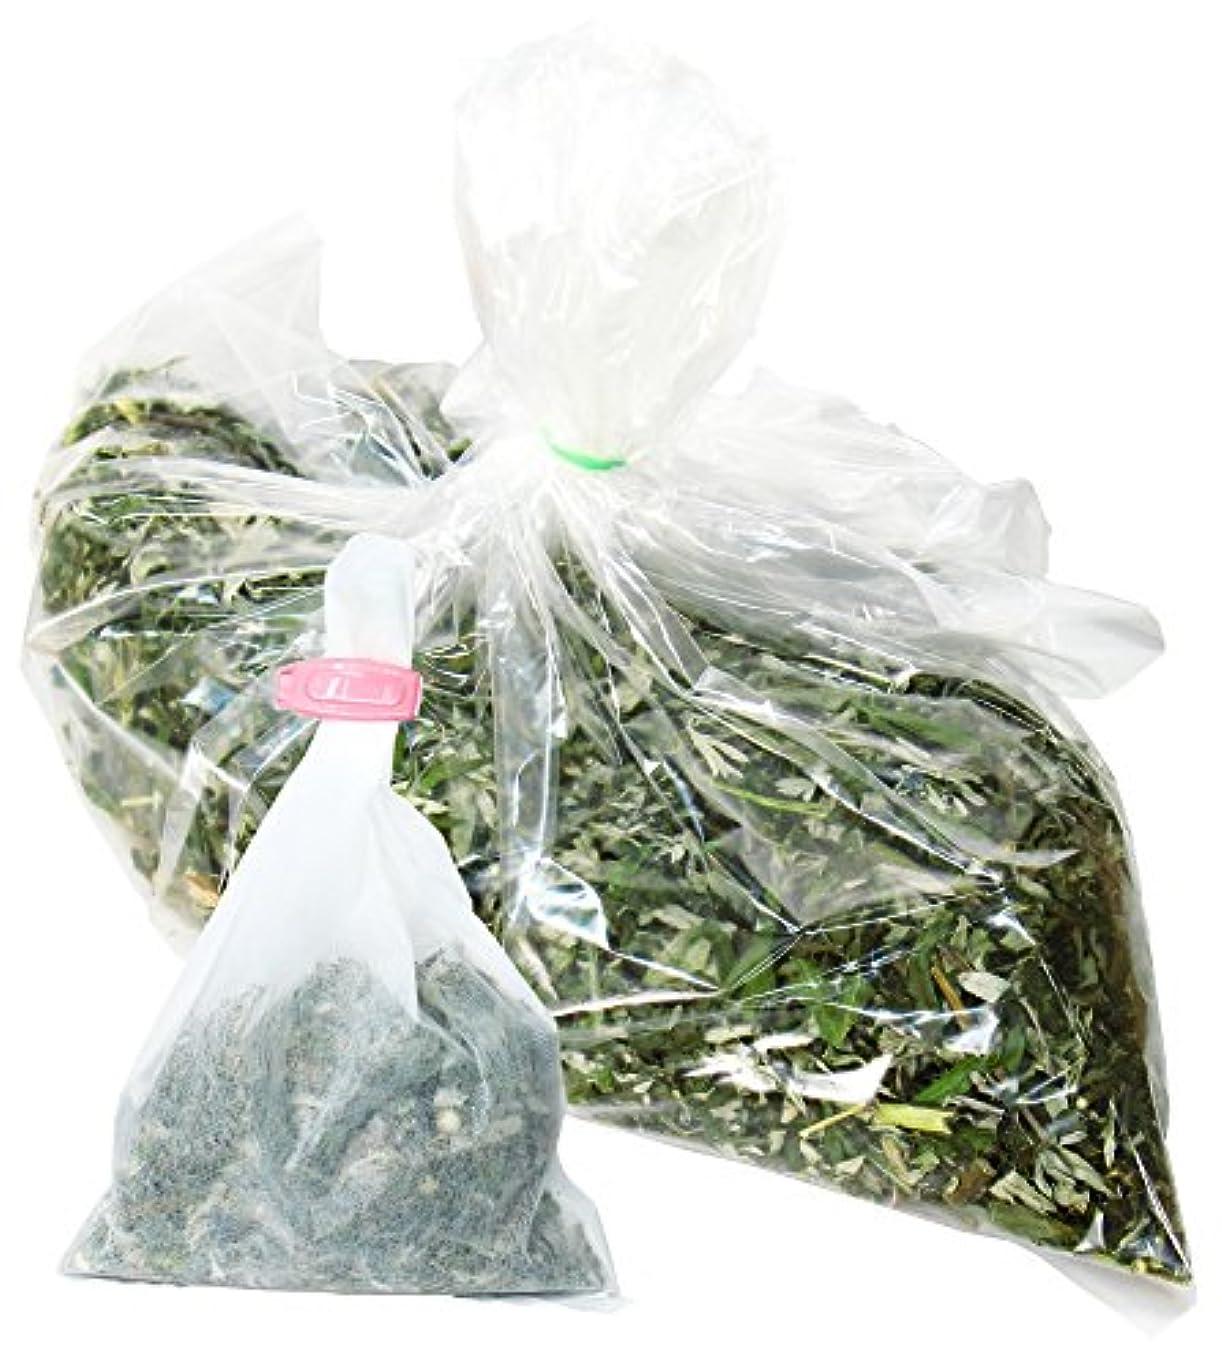 汚れるするだろうガチョウ自然健康社 よもぎ蒸しのよもぎ 250g 乾燥刻み 煮出し袋10枚付